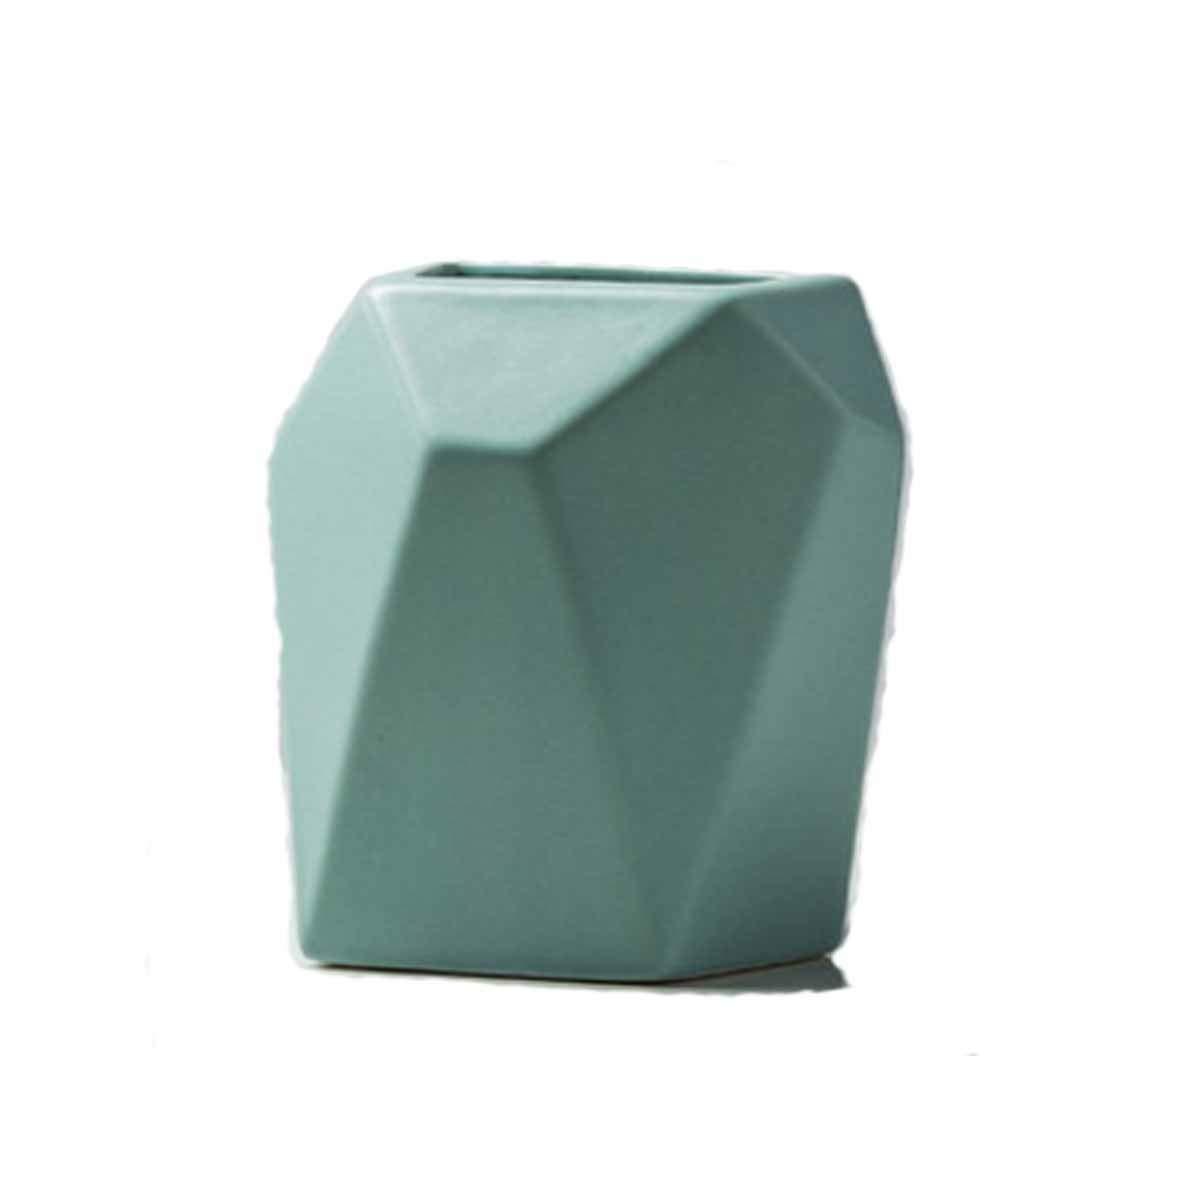 花瓶、シンプルなクリエイティブセラミック花瓶、花瓶の装飾モダンなリビングルームホームデスクトップの装飾、ブルー (Color : Blue) B07RSYWBFY Blue